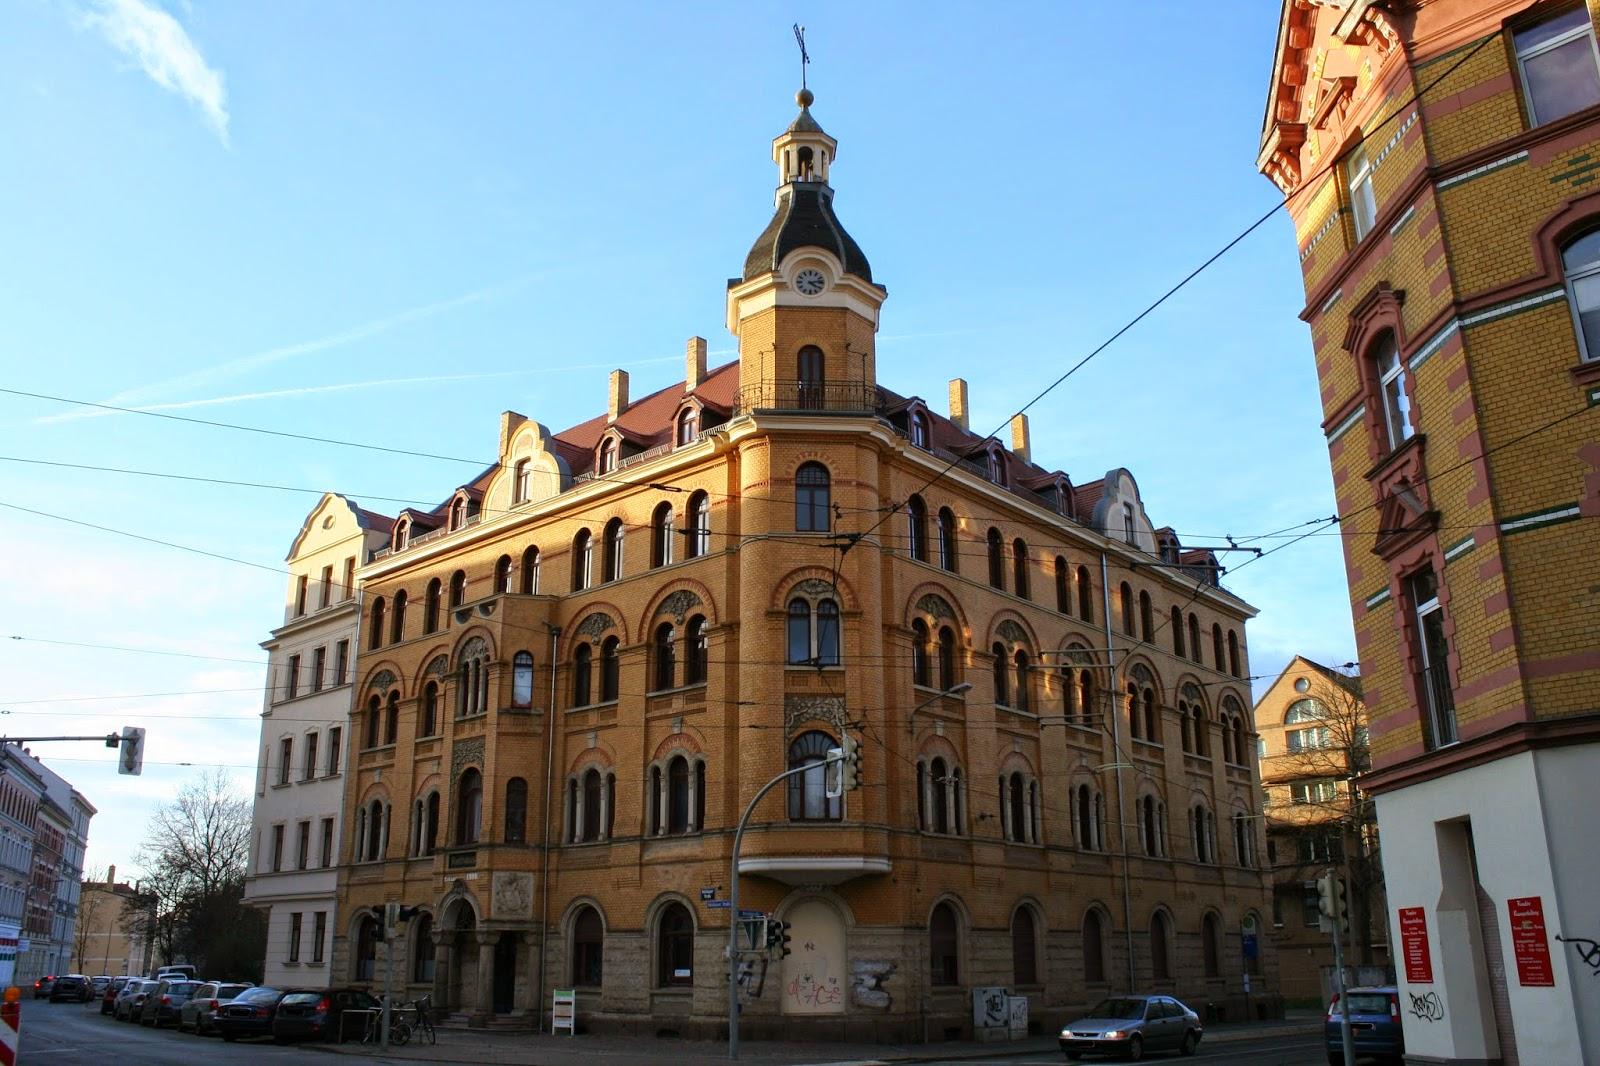 Das ehemalige Rathaus Stötteritz im gleichnamigen Stadtteil wurde 1900, wie schon das Schild am Gebäude selbst verrät, eingeweiht und befindet sich an der Holzhäuser Straße 65